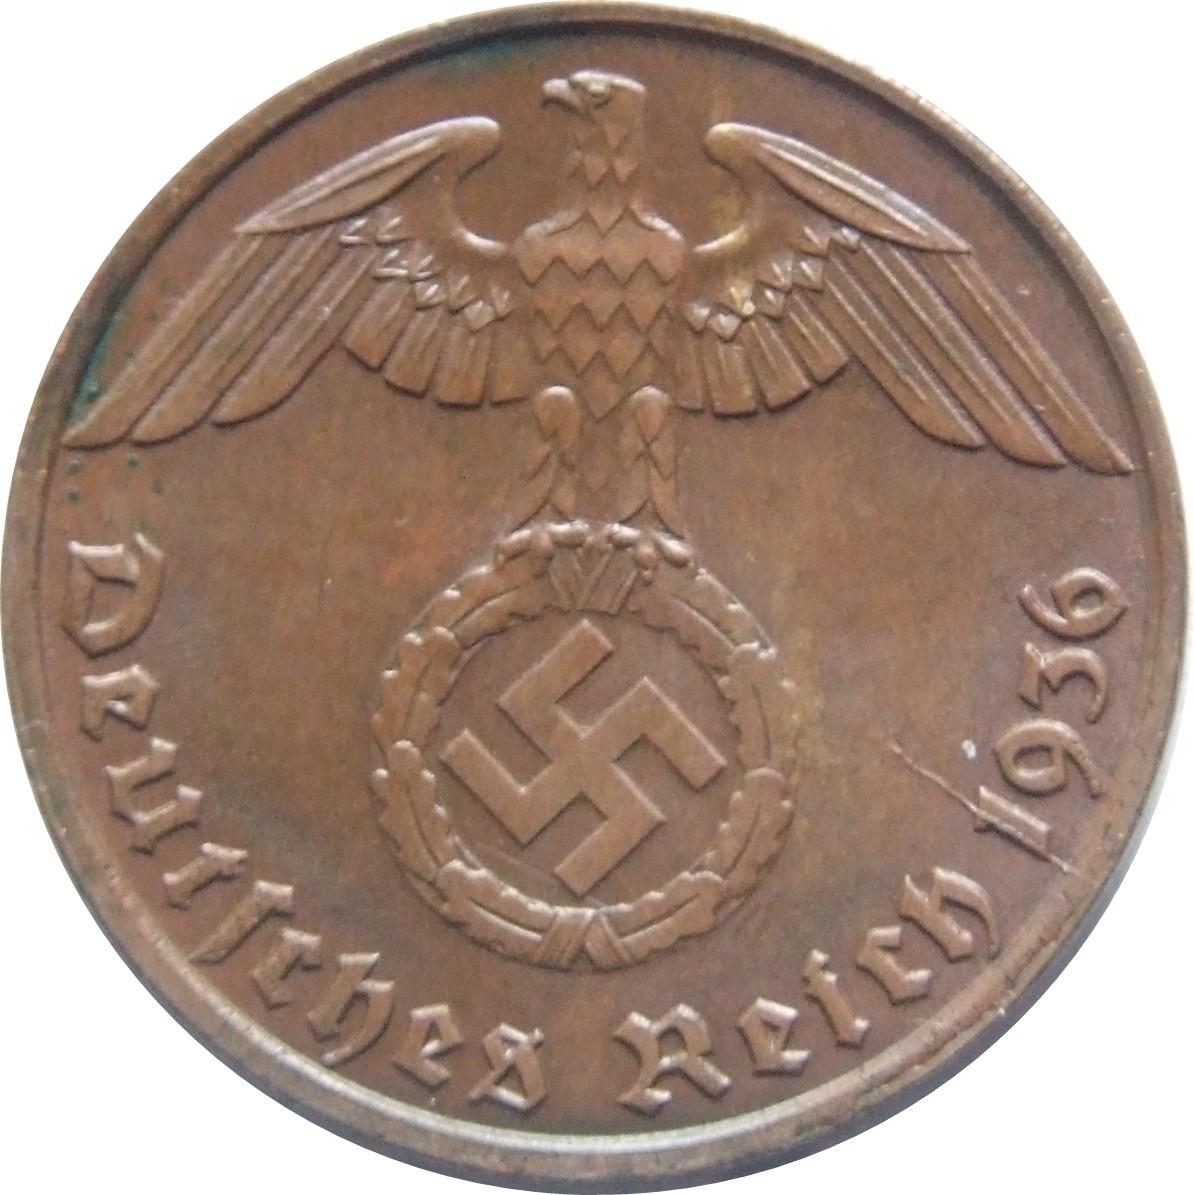 Germany 1 Reichspfennig (1936-1940)